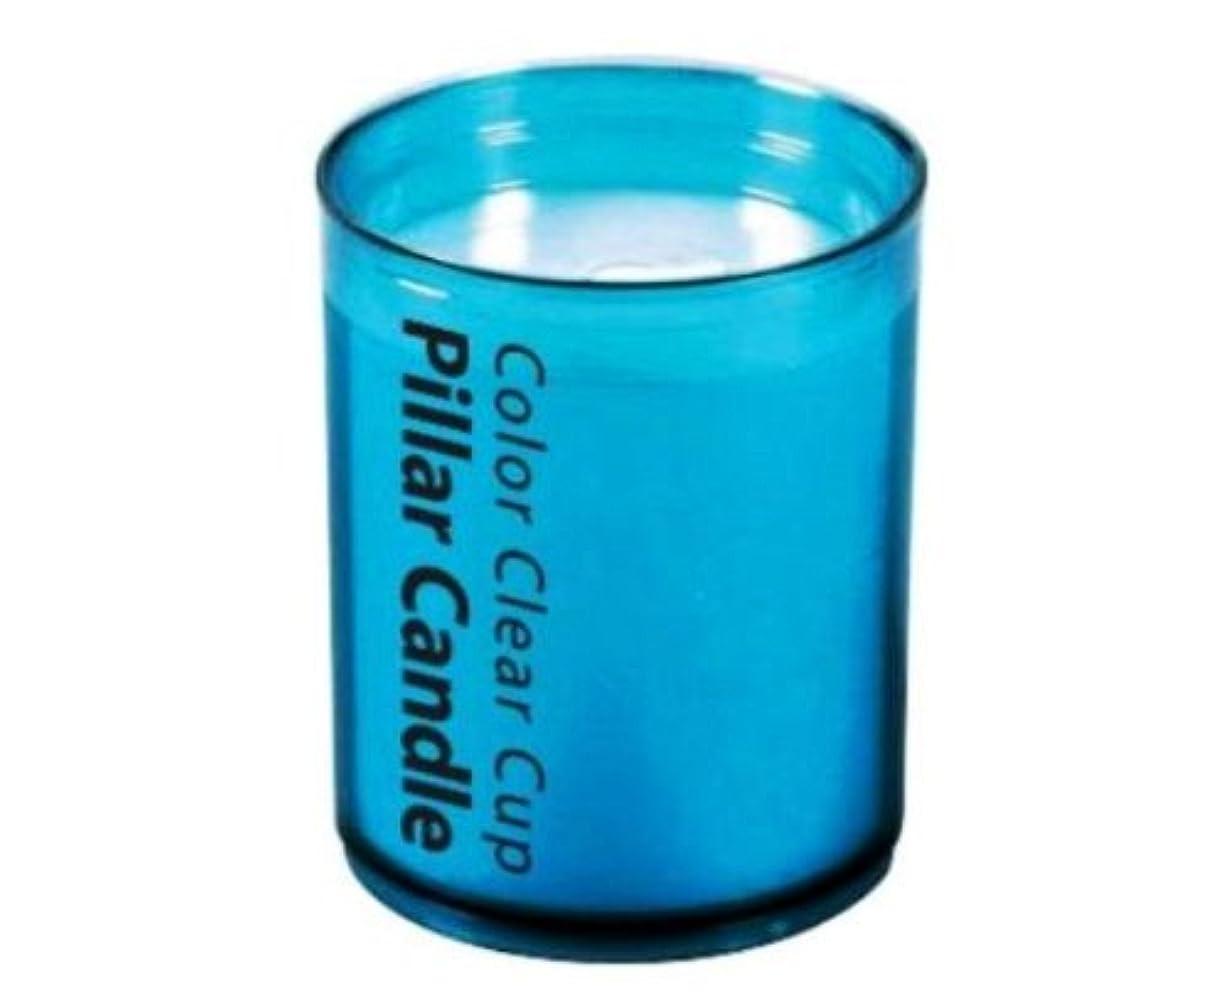 嬉しいです書き込み摂氏度カメヤマ カラークリアカップピラー3インチ ブルー